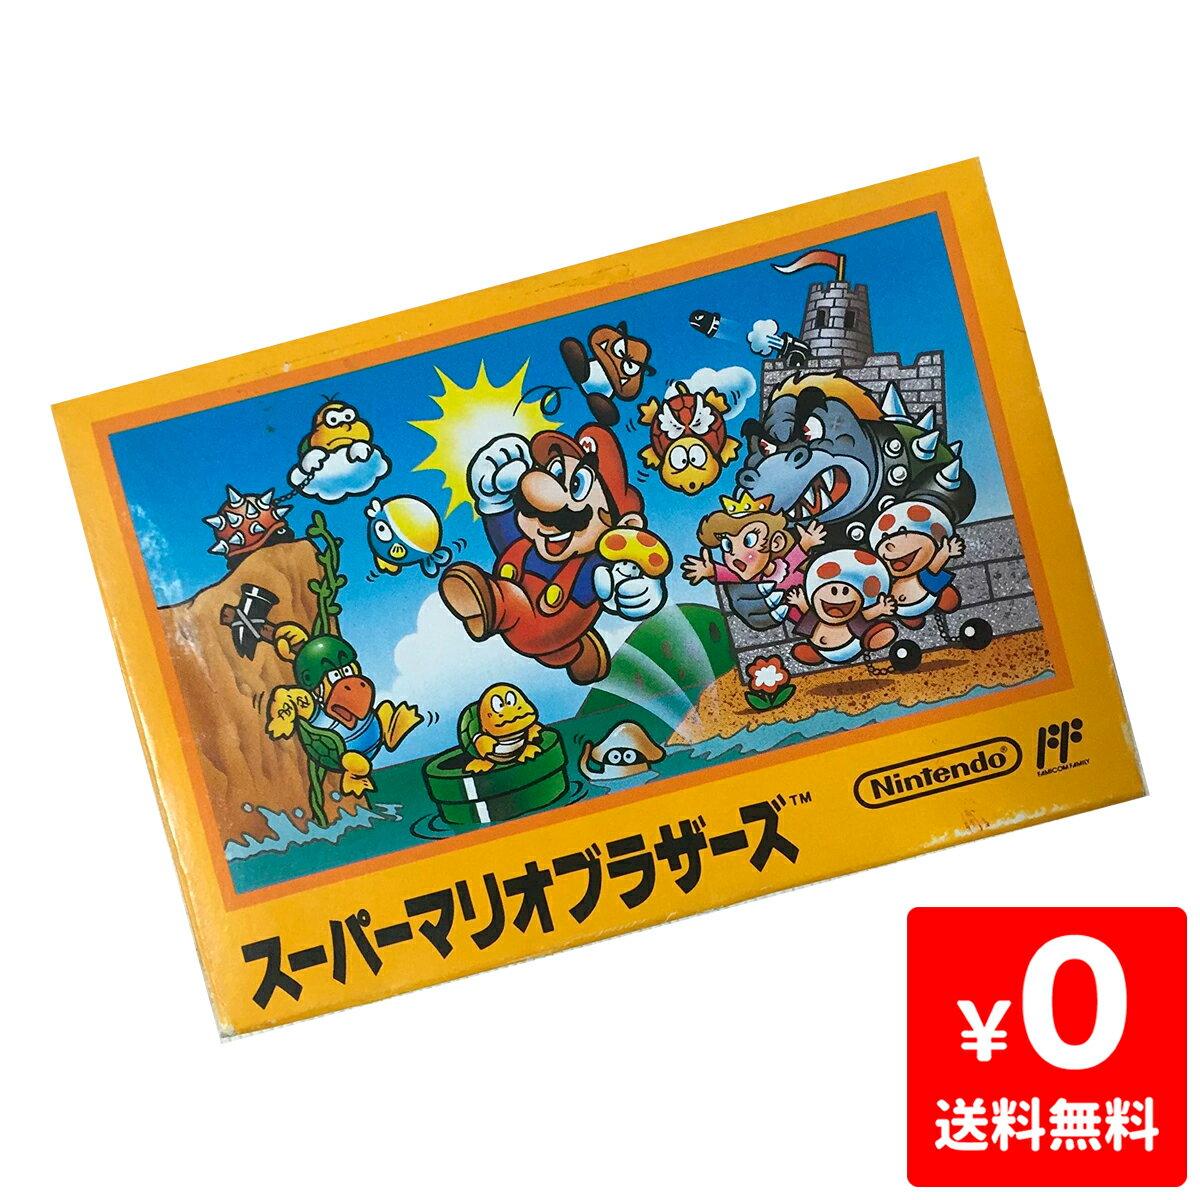 ファミコン スーパーマリオブラザーズ ソフト Nintendo 任天堂 ニンテンドー 中古 4902370832310 送料無料 【中古】